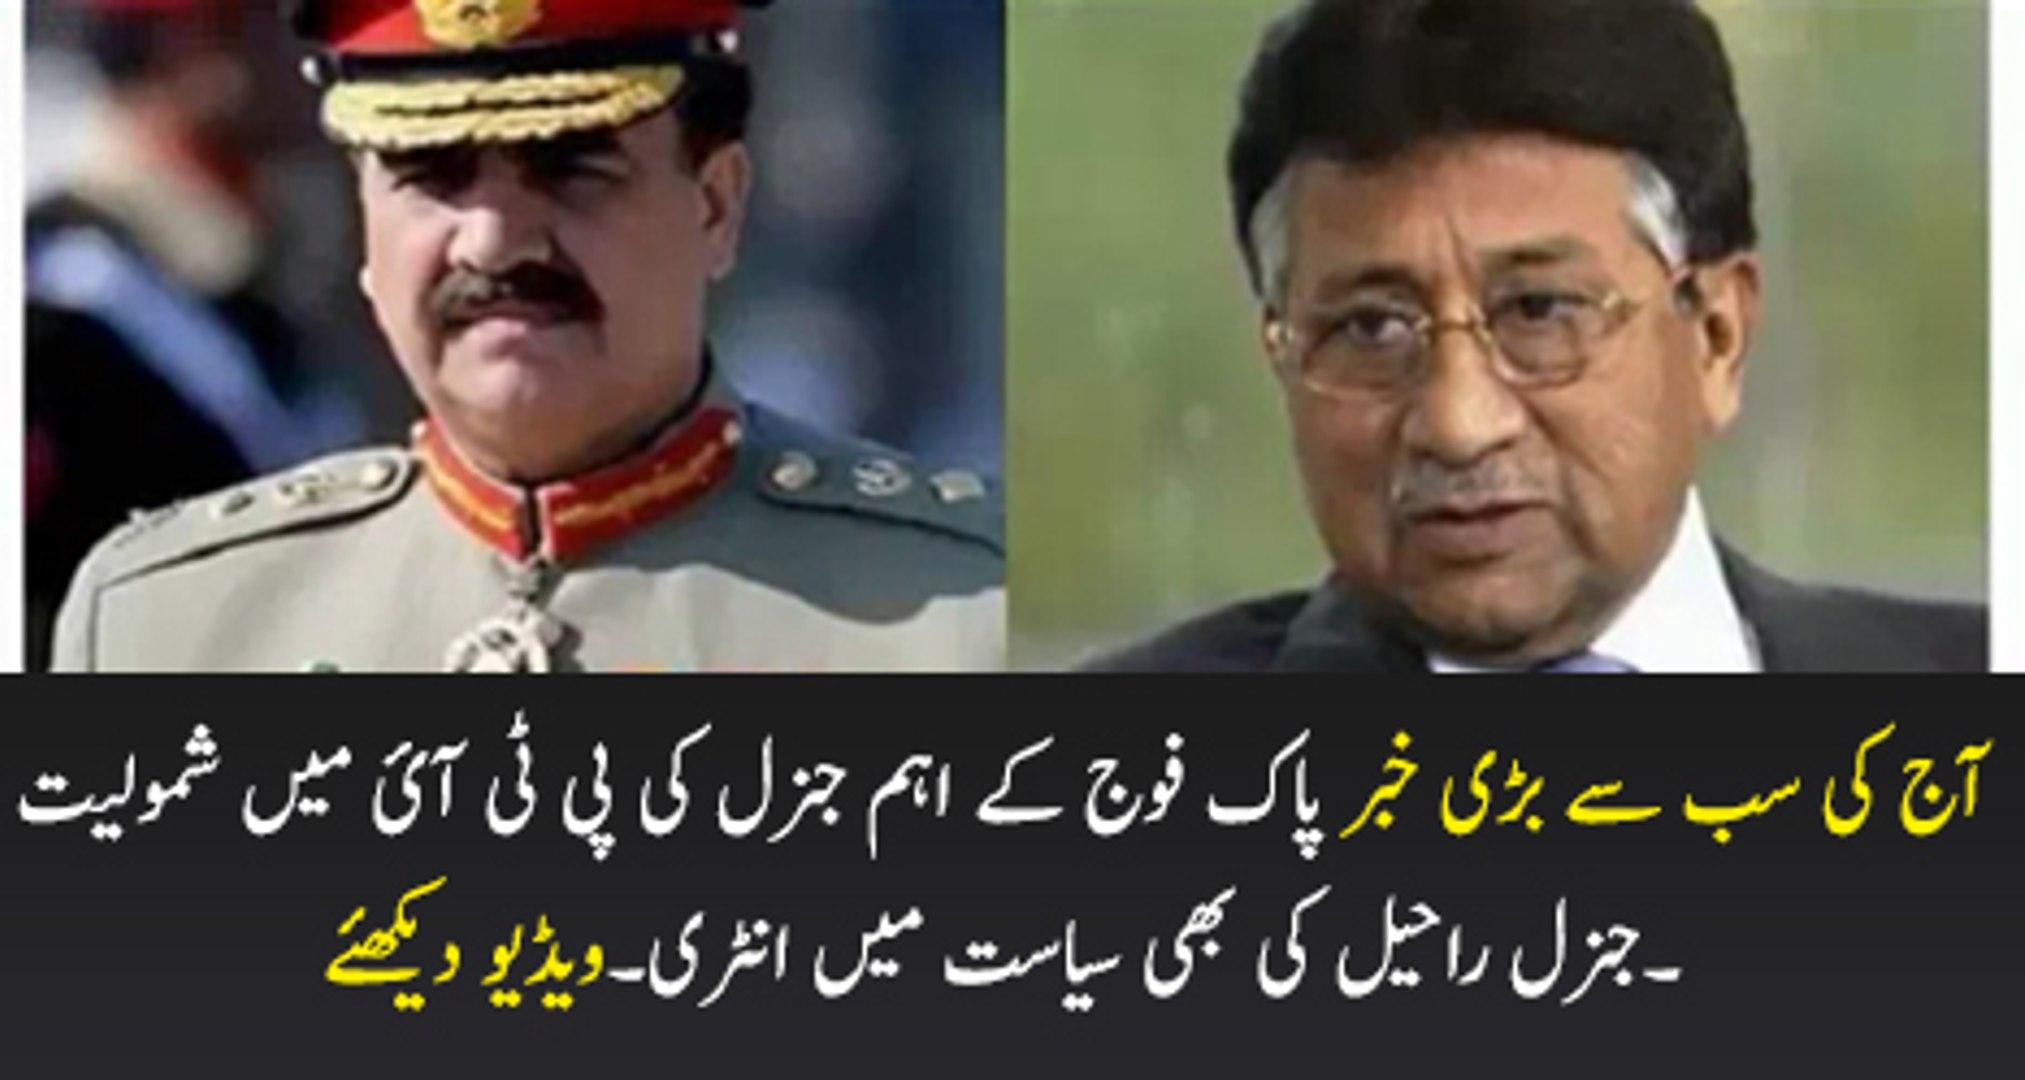 Breaking News- Gen Raheel Sharif Joining Politics